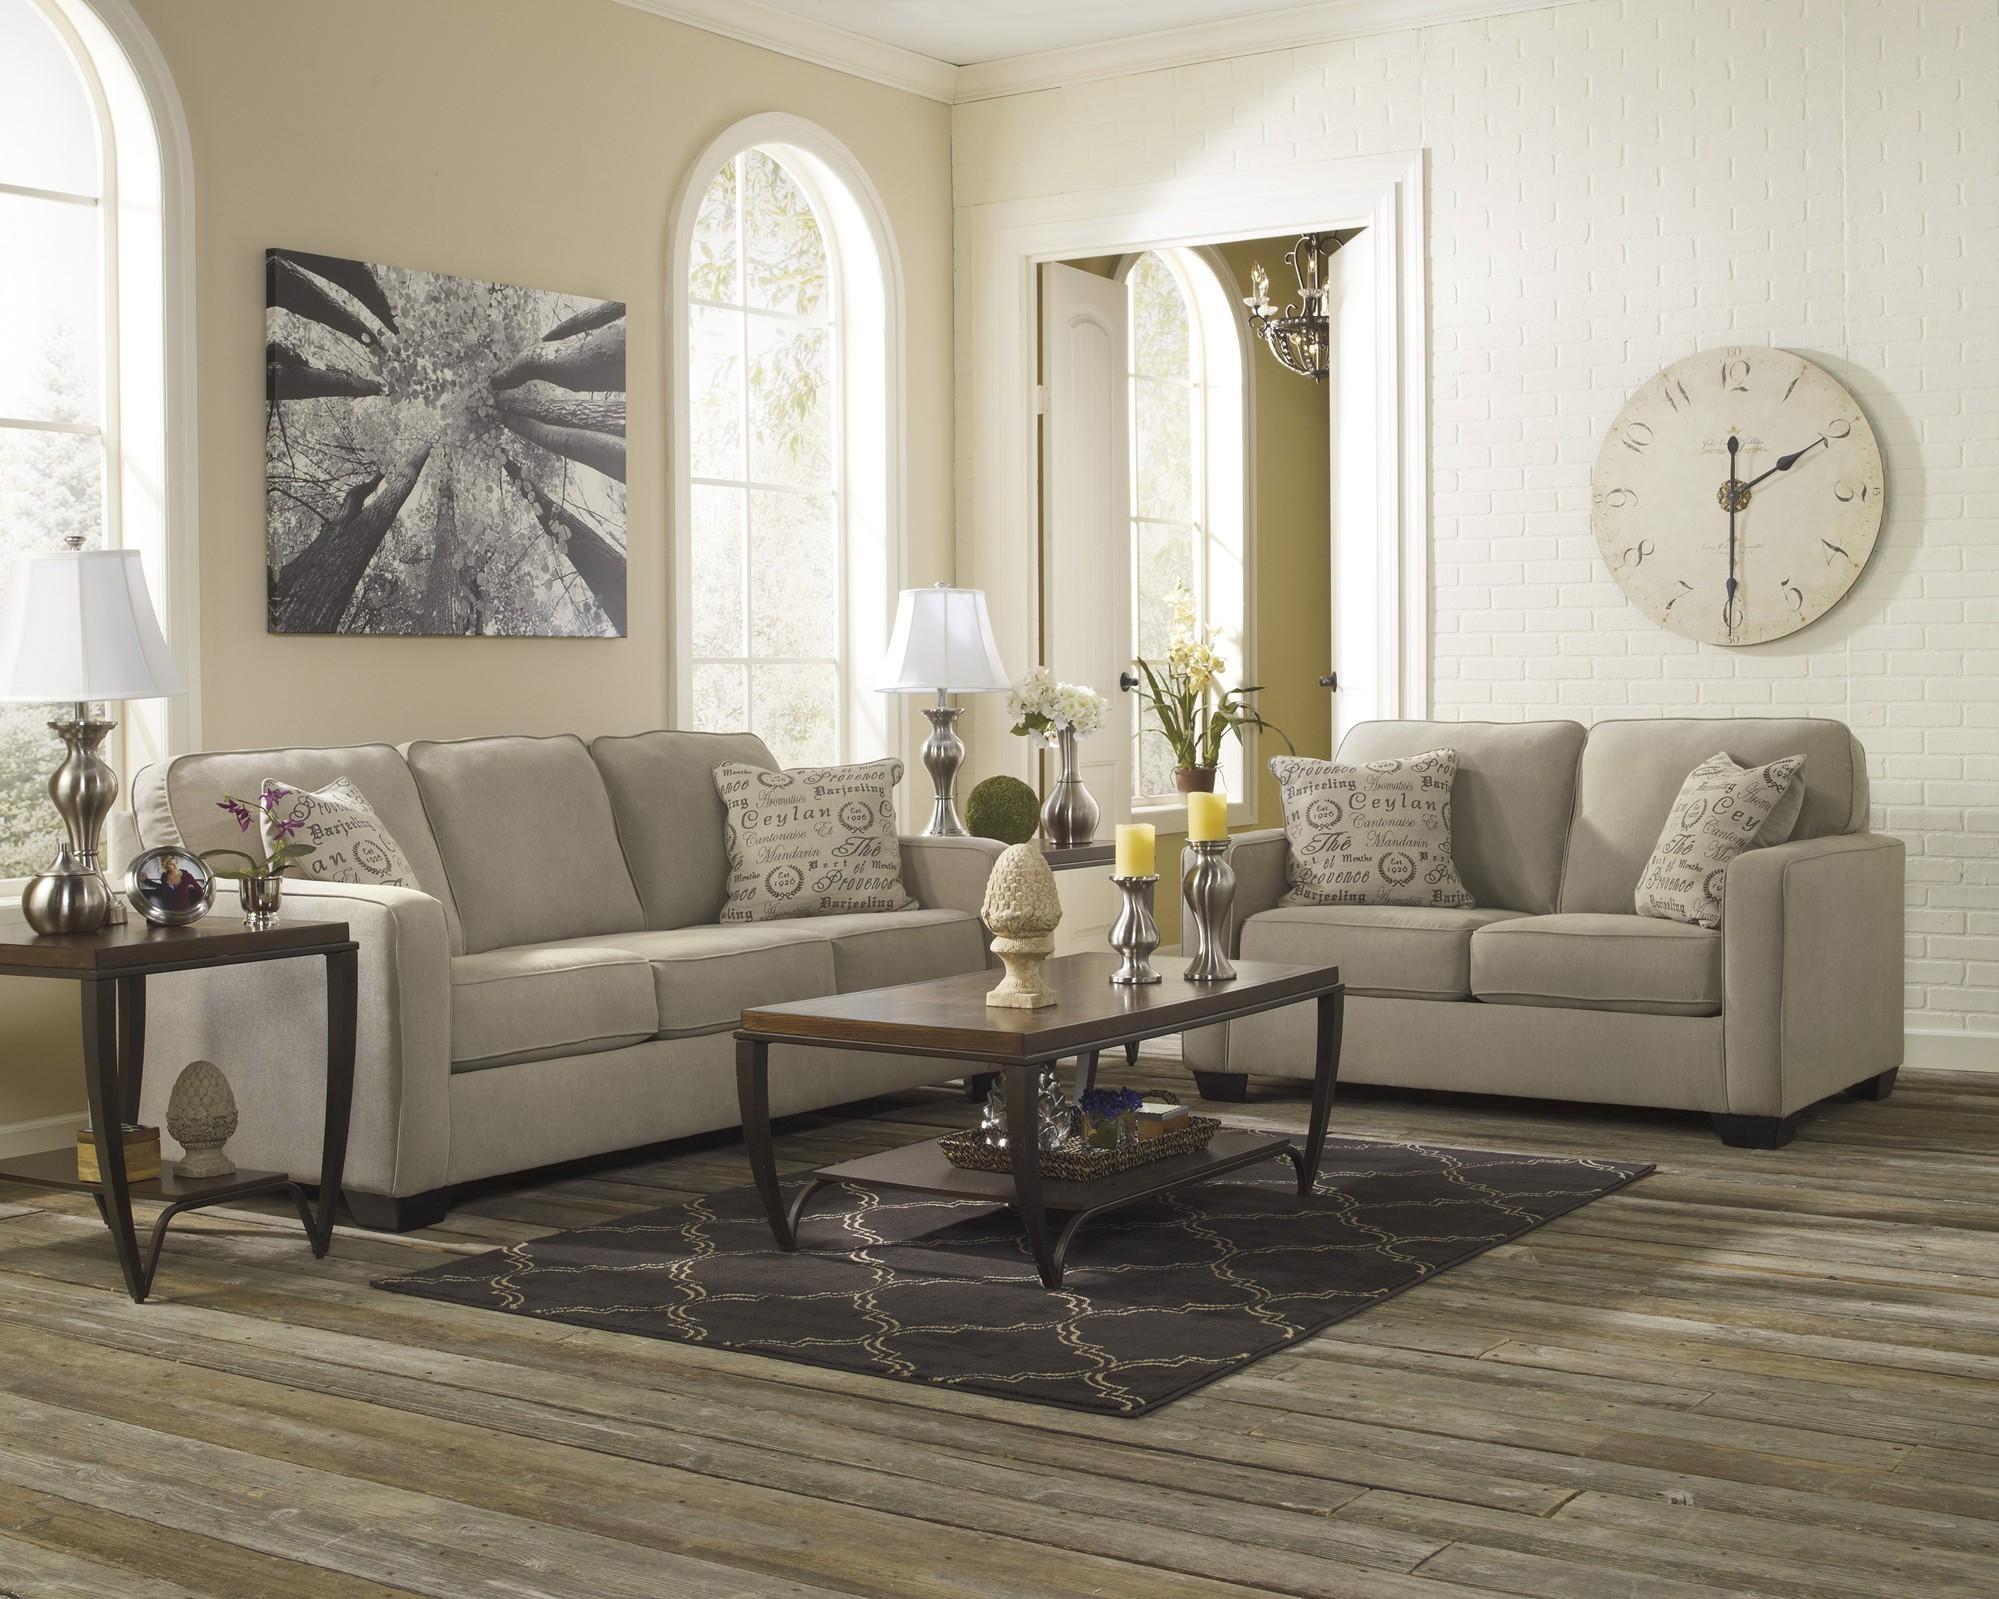 Alenya Quartz Sofa For $ (Image 1 of 20)